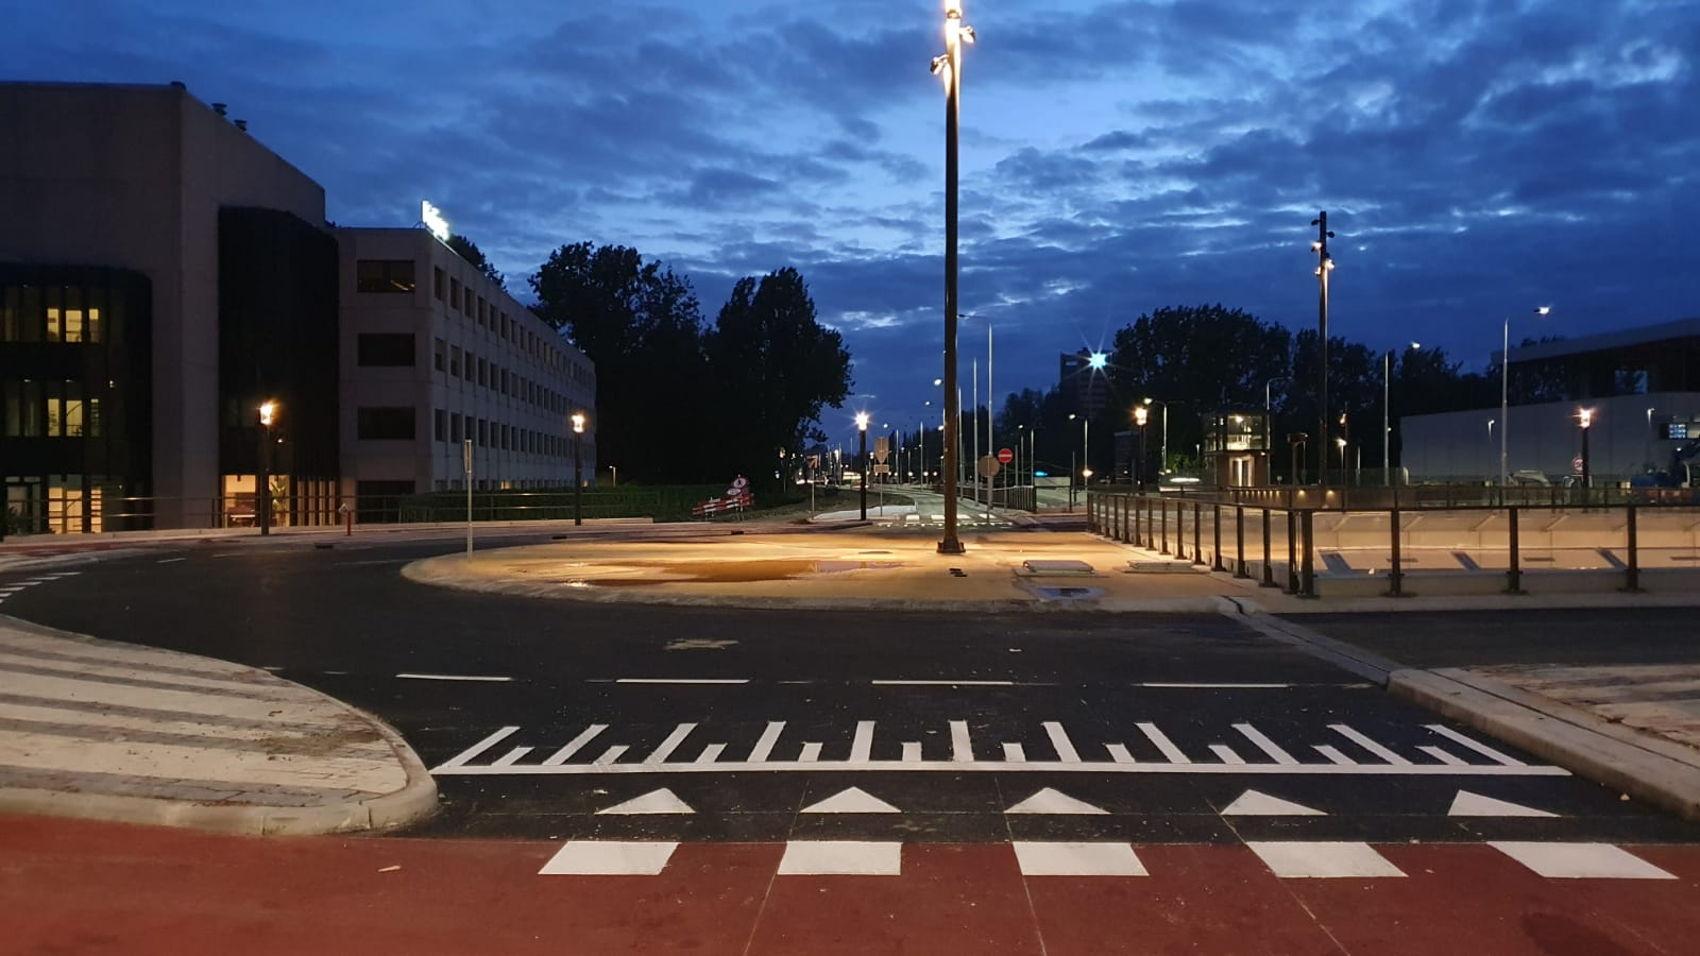 Kruispunt Zonnestein is weer open voor al het verkeer. De fietspaden langs de Beneluxbaan moeten nog wel hersteld worden. Dat gebeurt de komende weken.